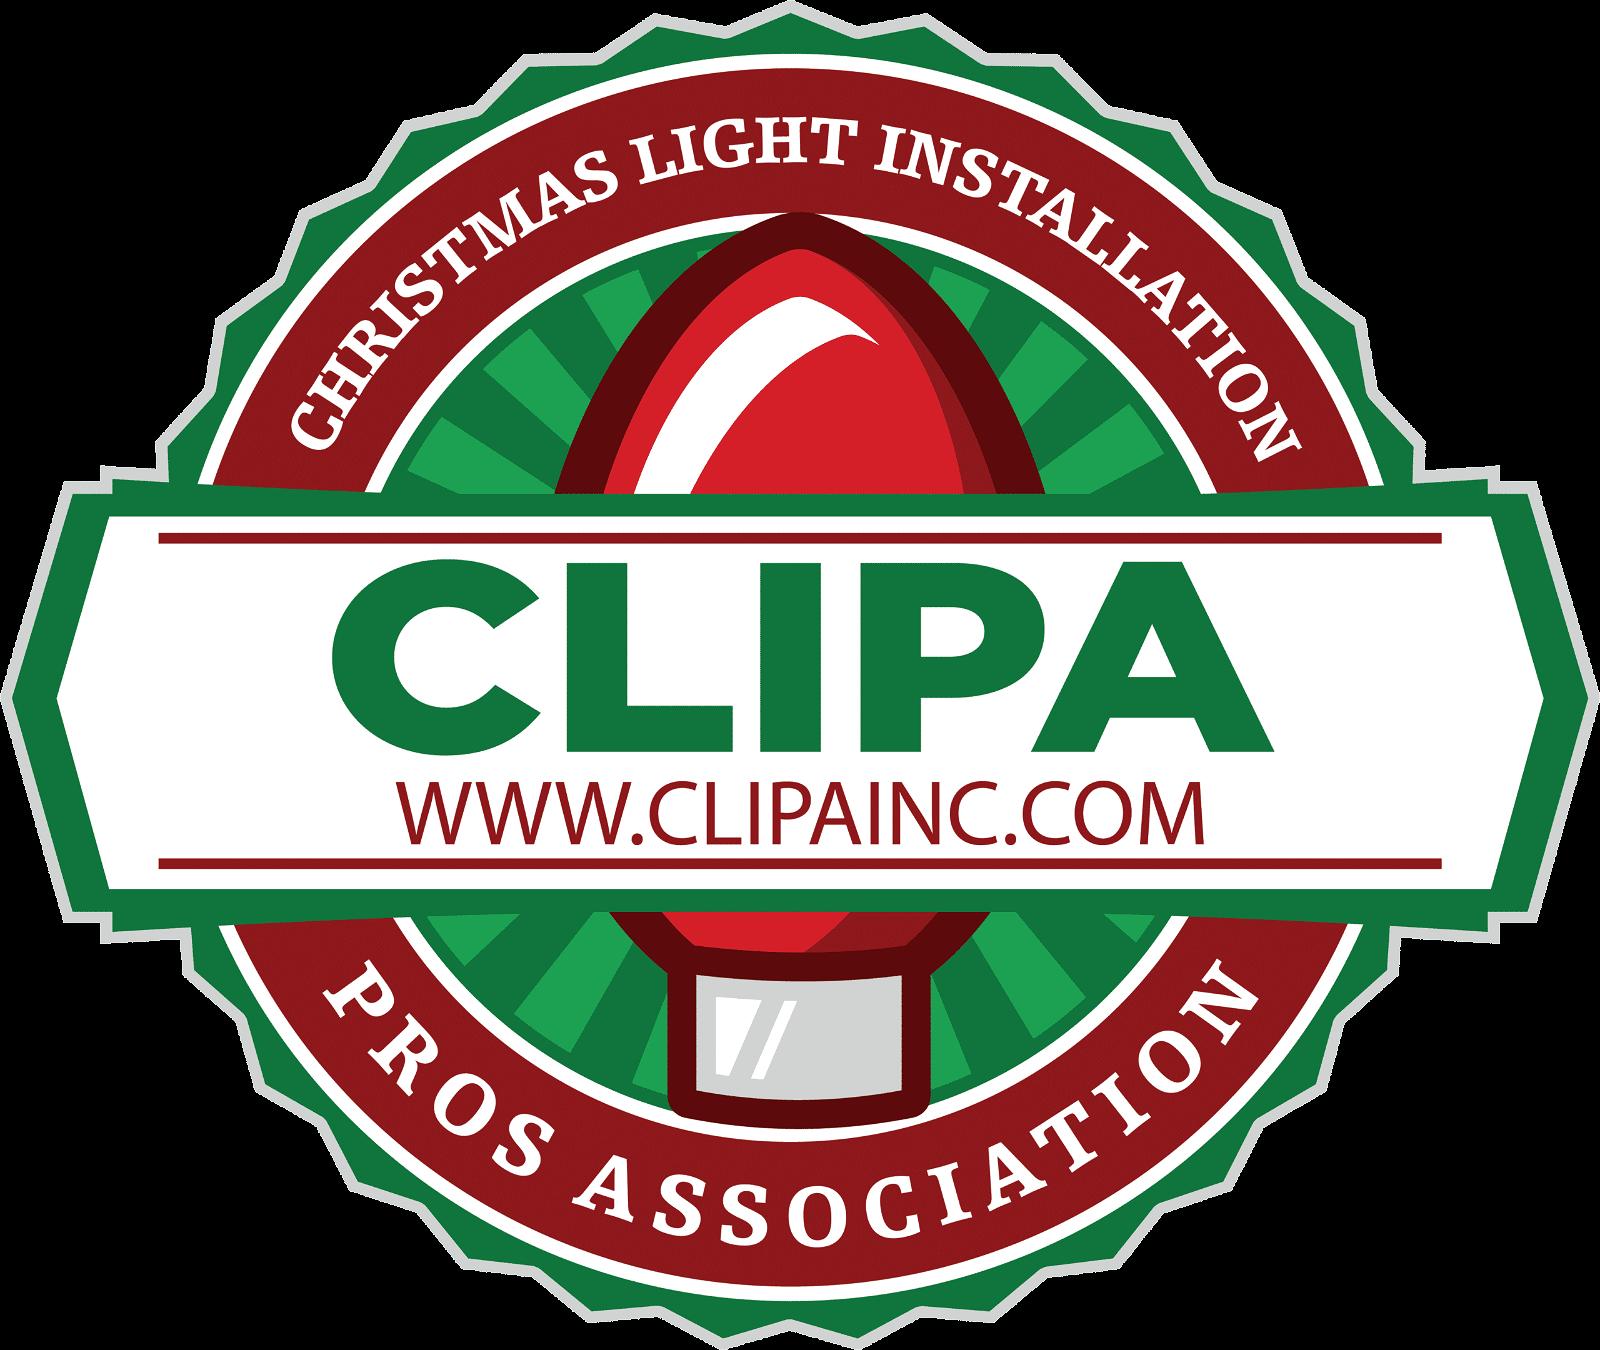 CLIPA certified holiday light installer